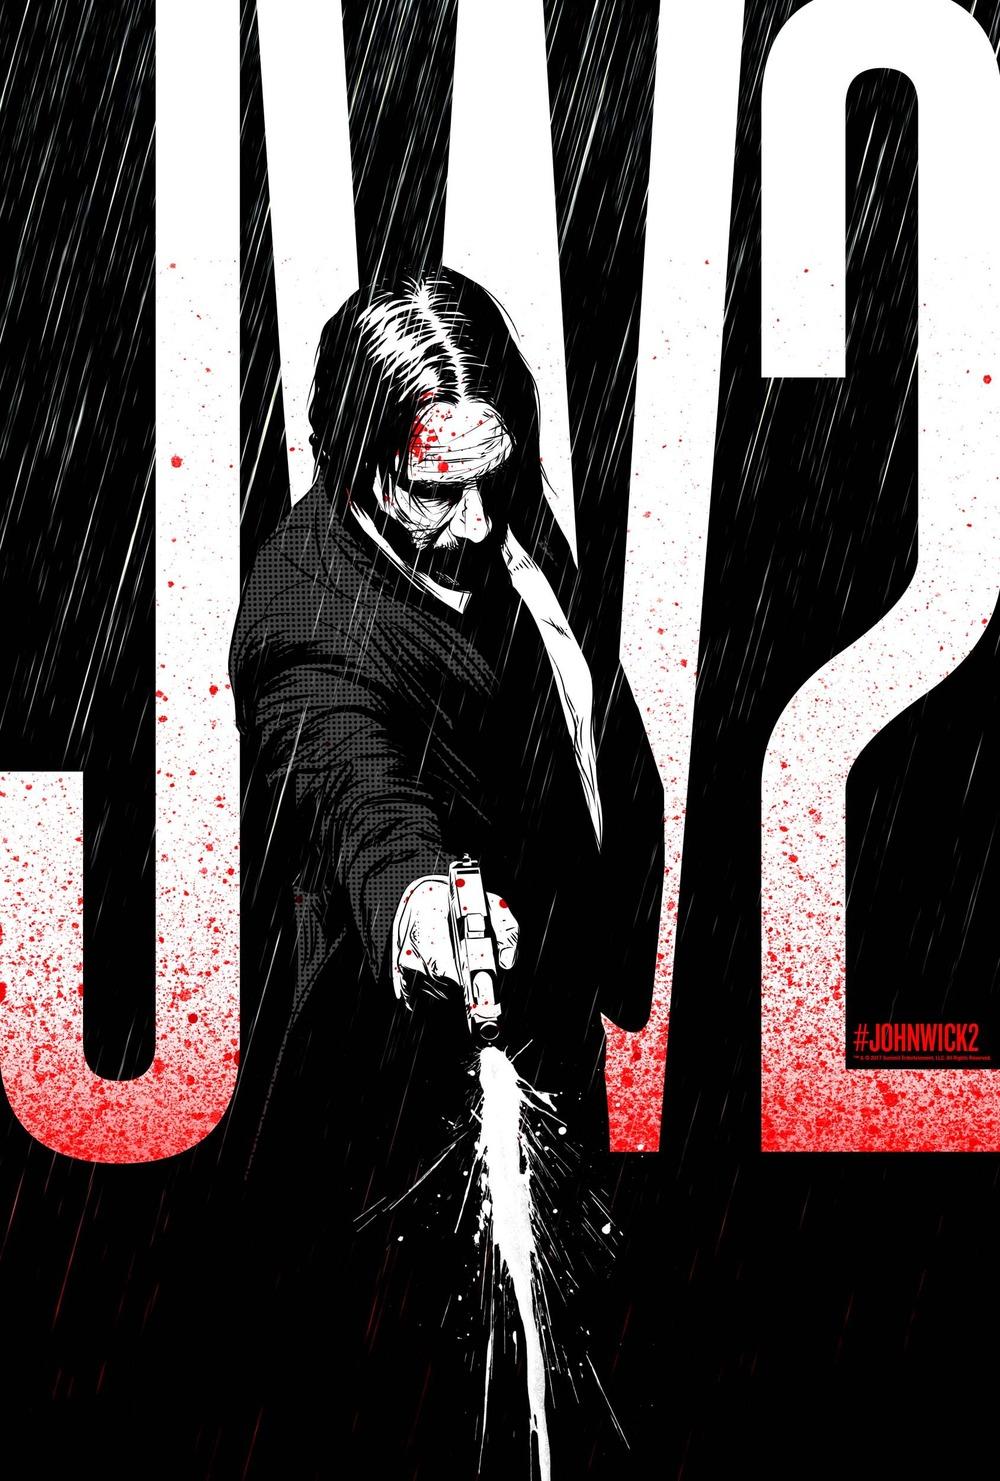 John Wick 2 Dvd Release